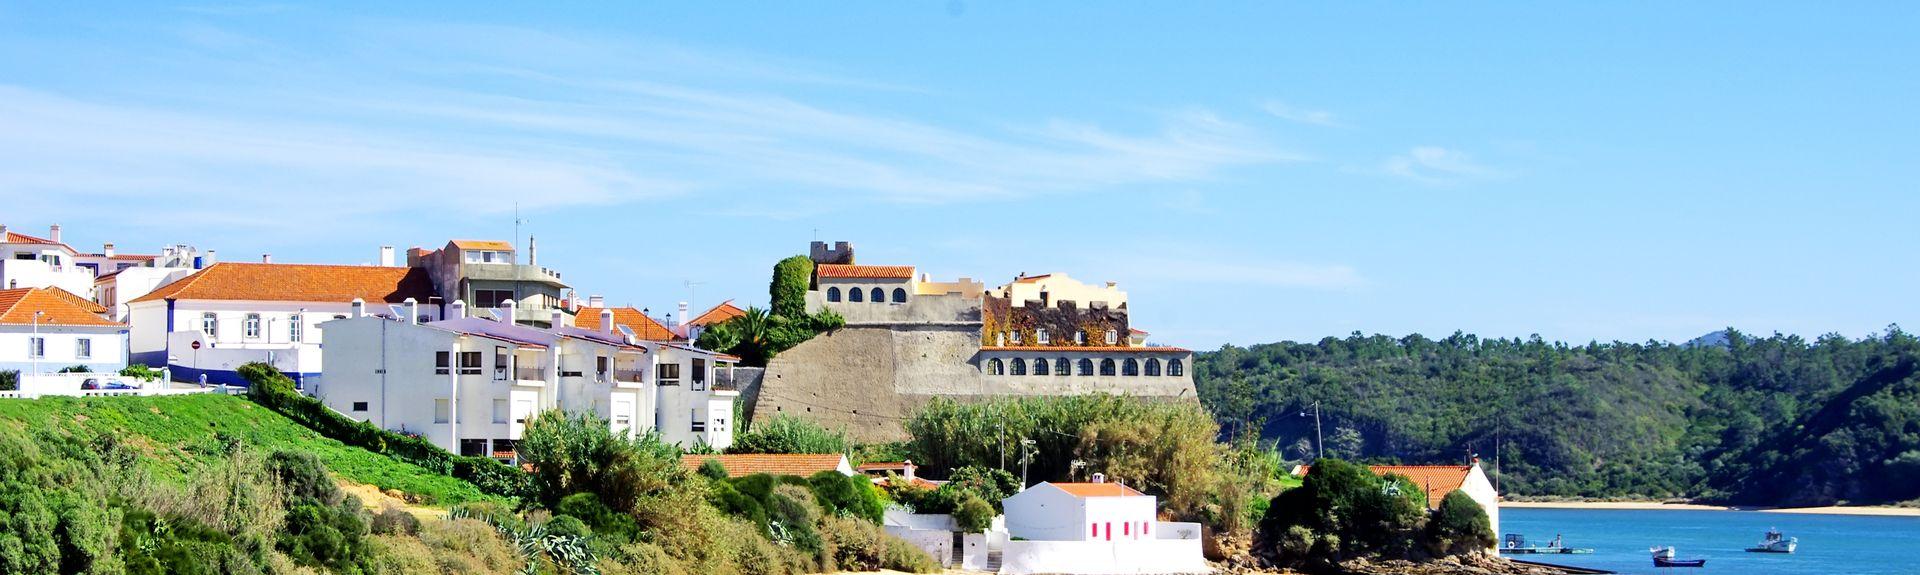 Vila Nova de Milfontes, Beja, Portugal